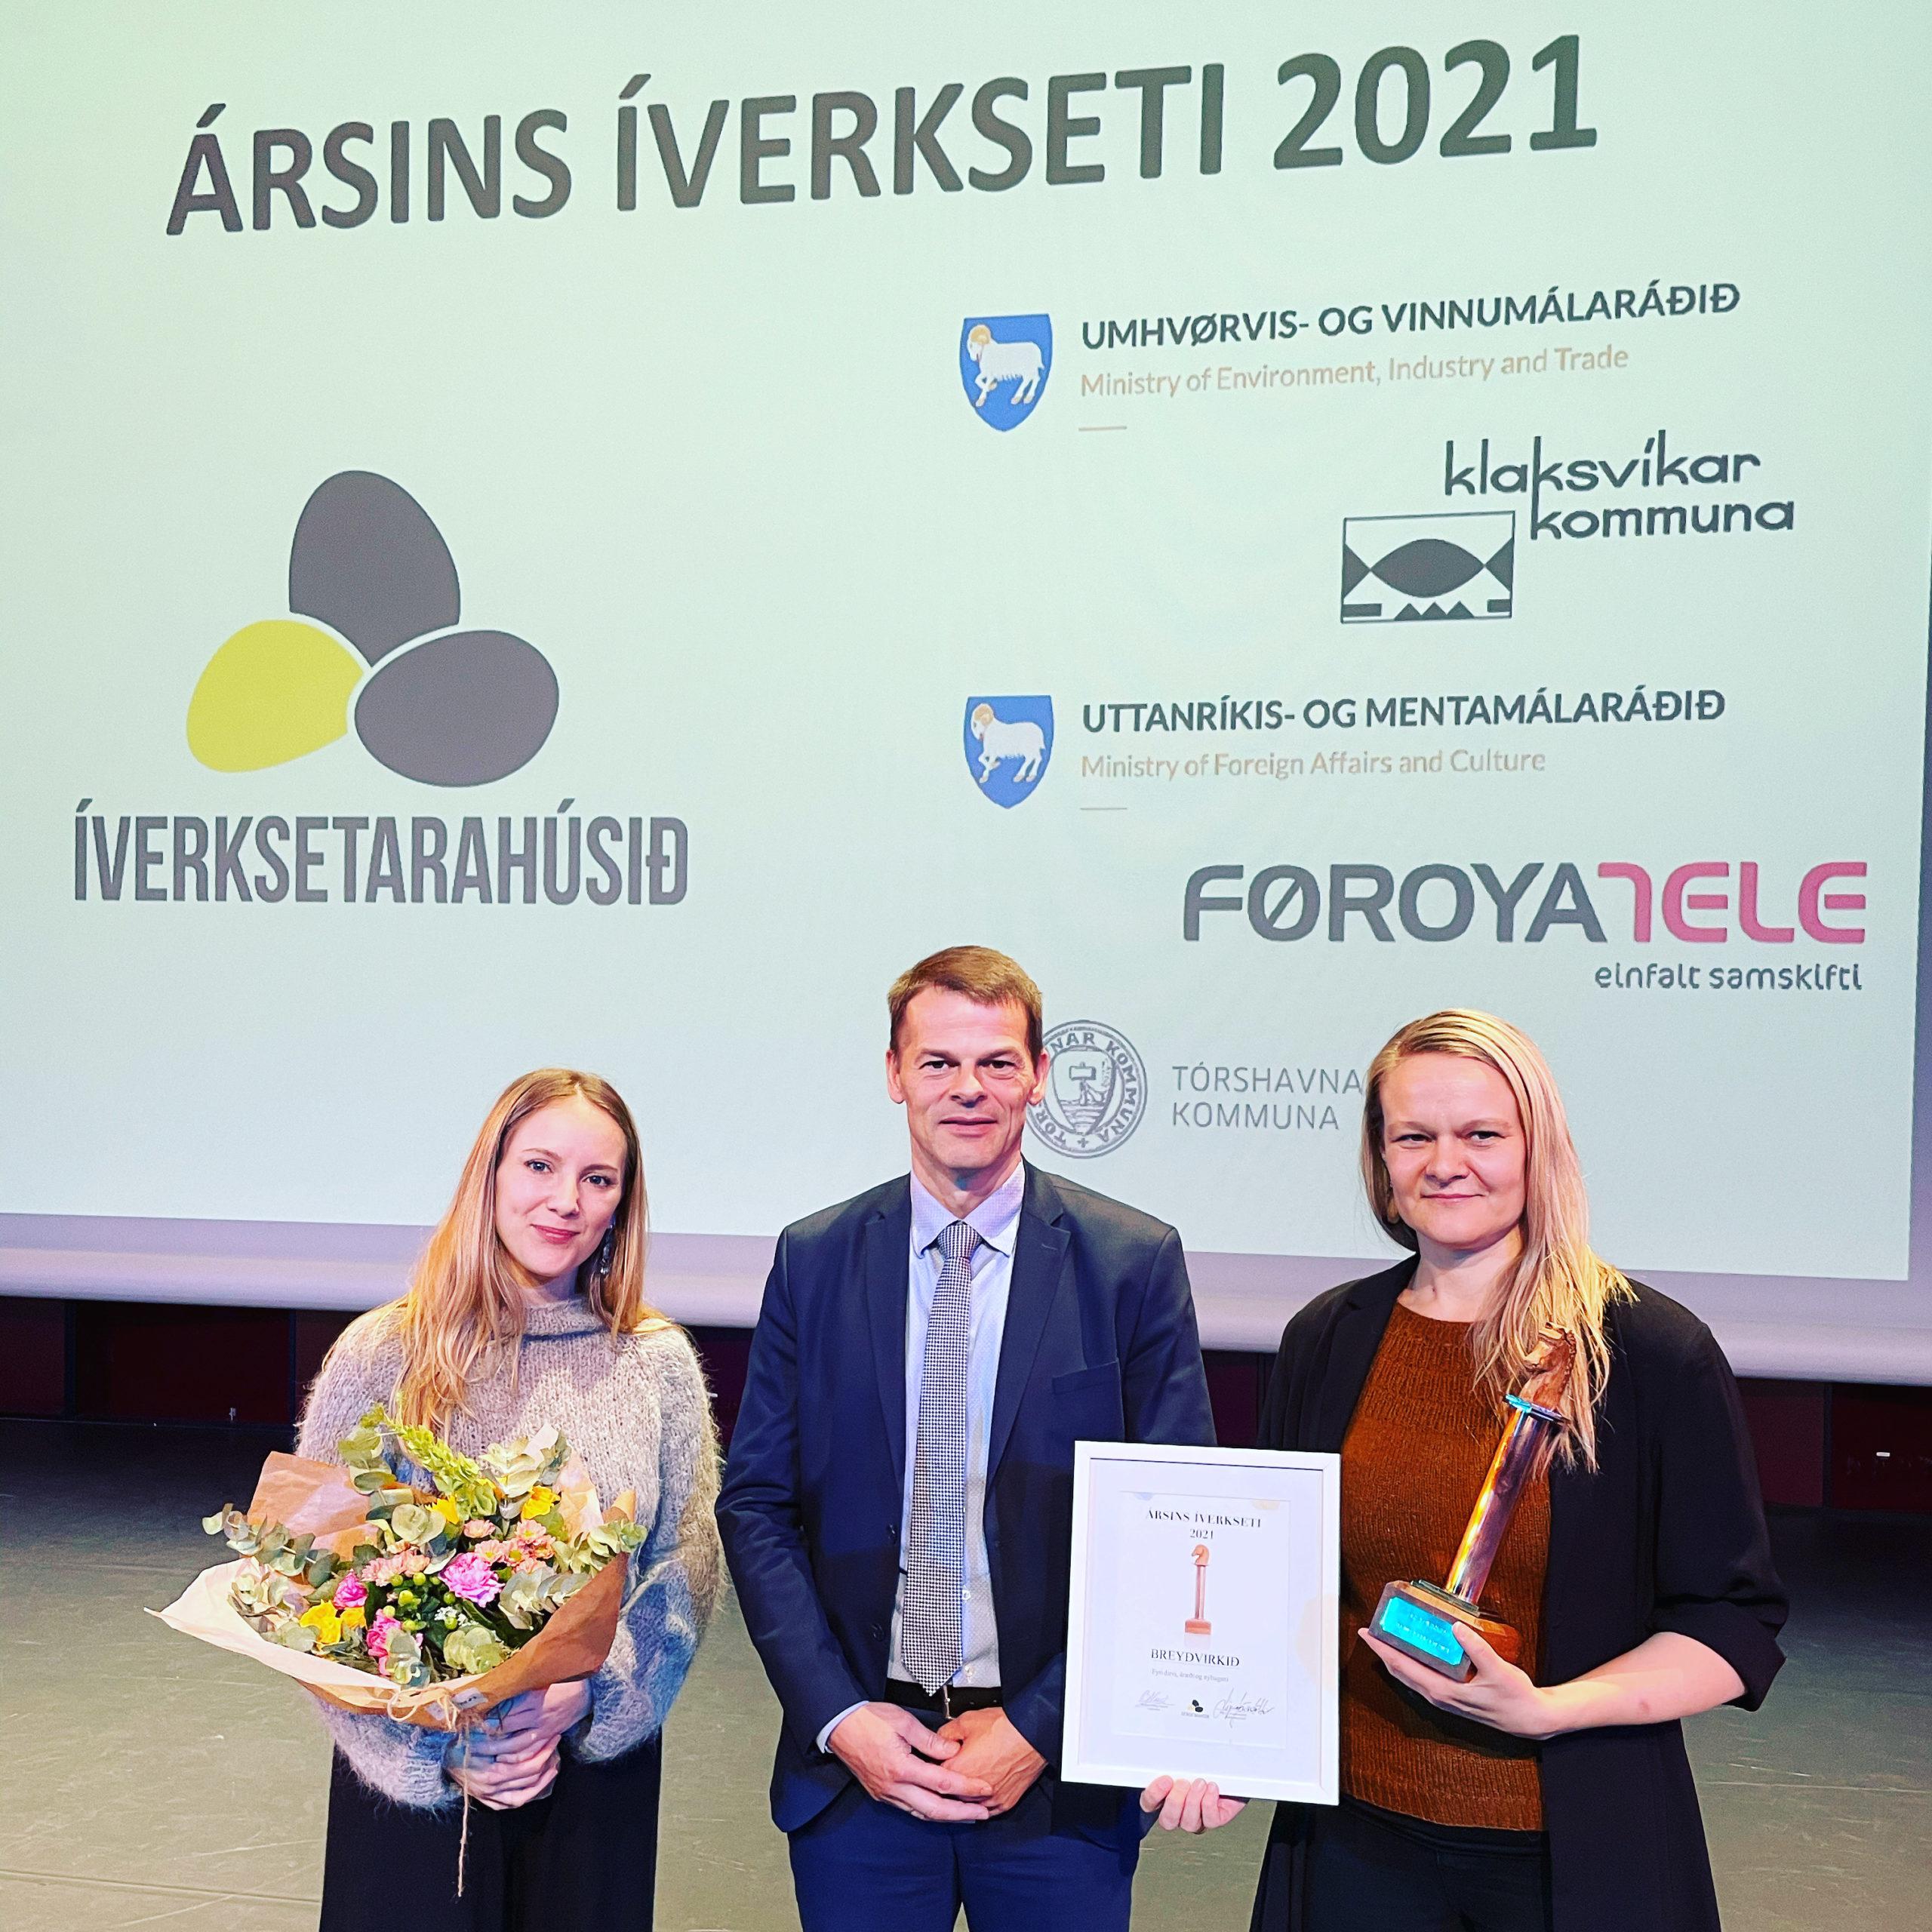 Breyðvirkið fekk heiðurin sum Ársins íverksetari 2021